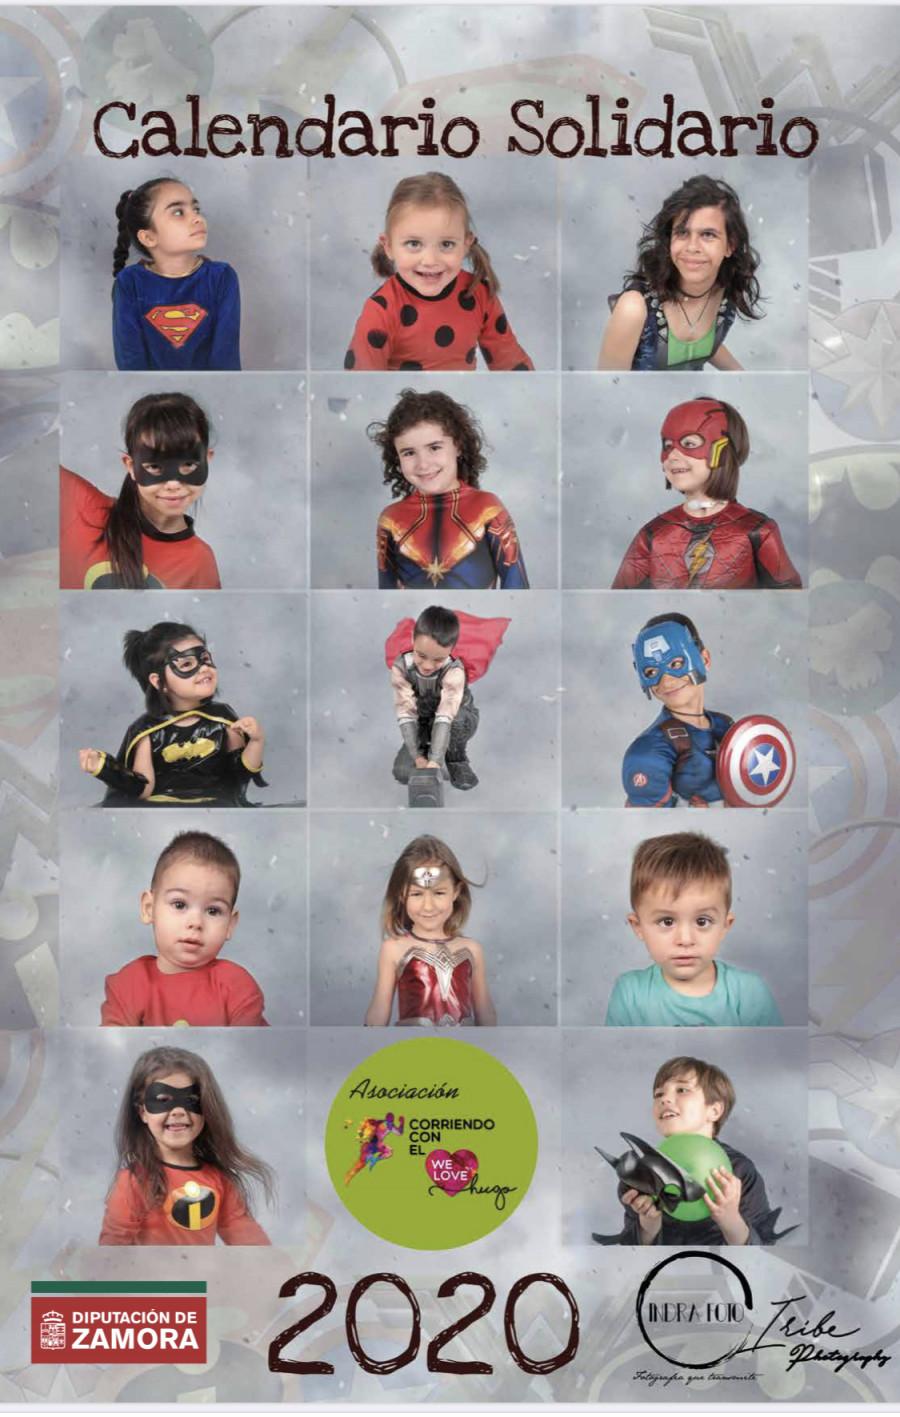 La venta de calendarios de niños con enfermedades raras disfrazados de súper héroes recauda más de 8.000 euros